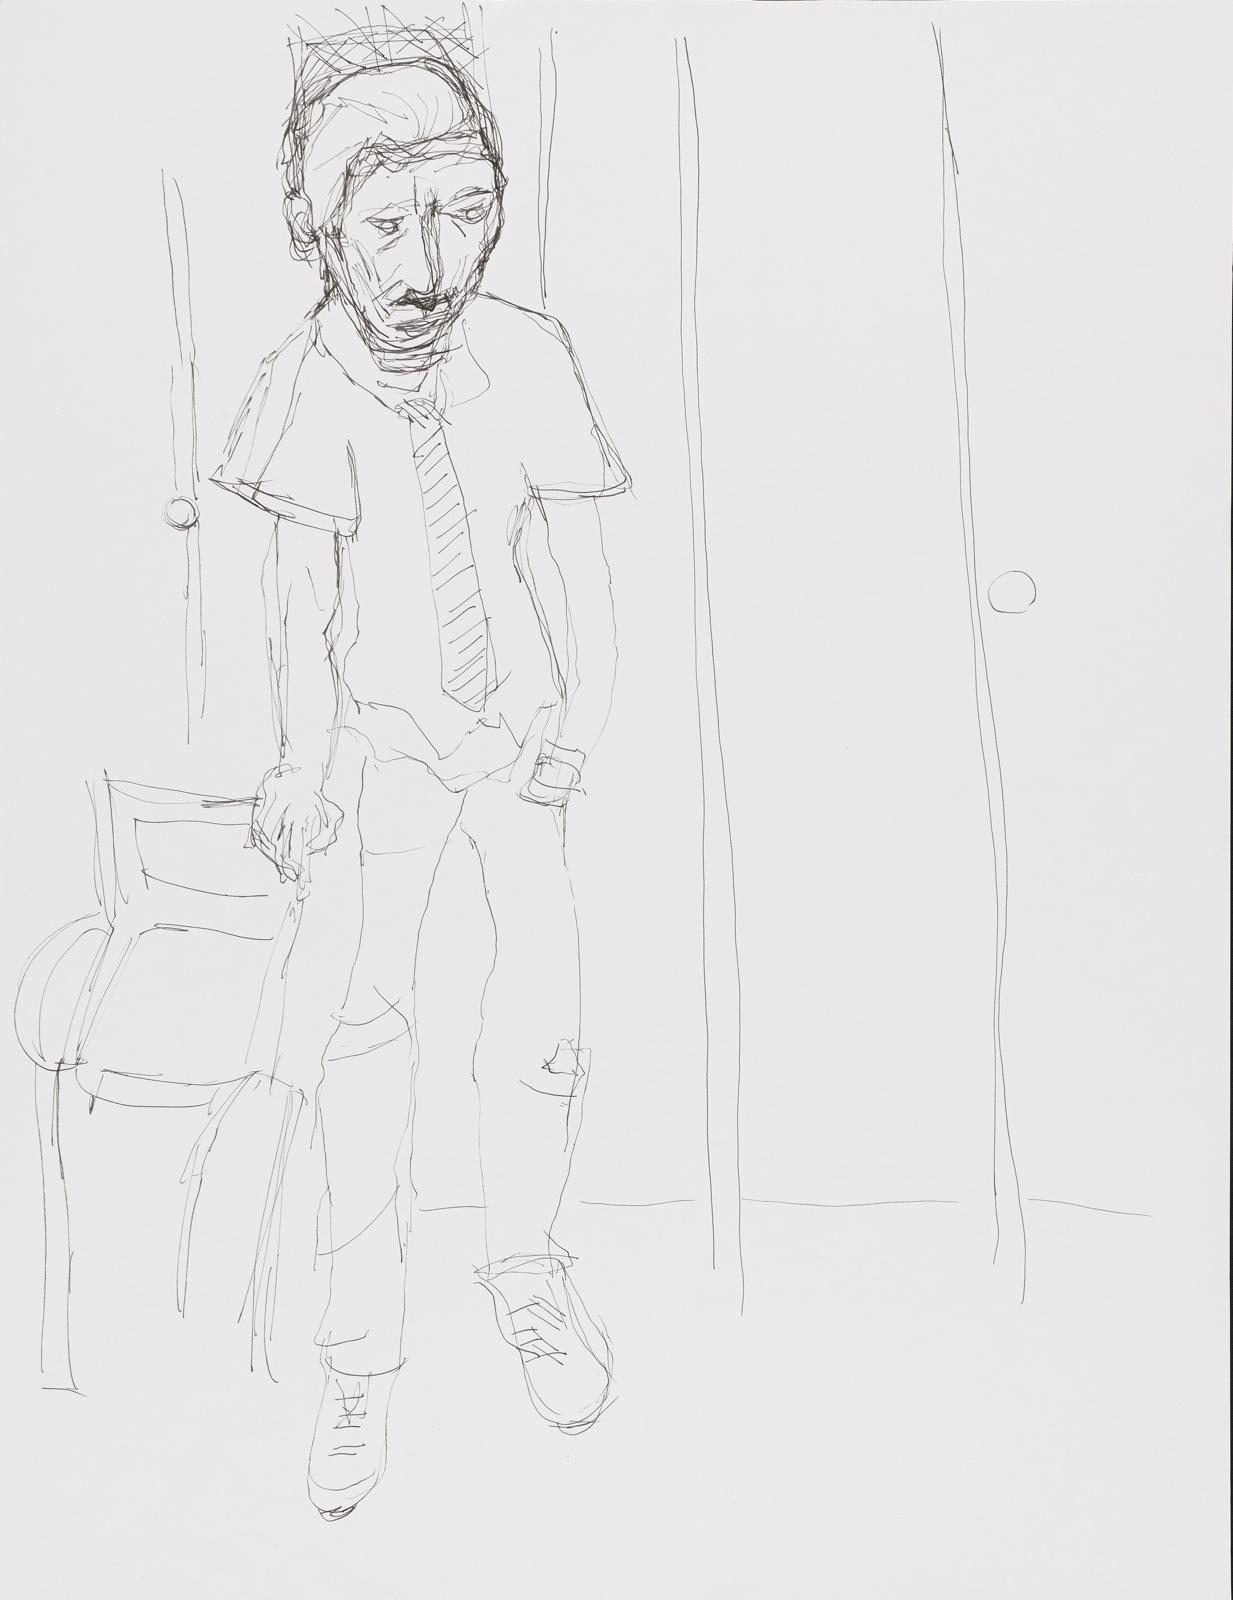 Dessin, crayon : Claude debout